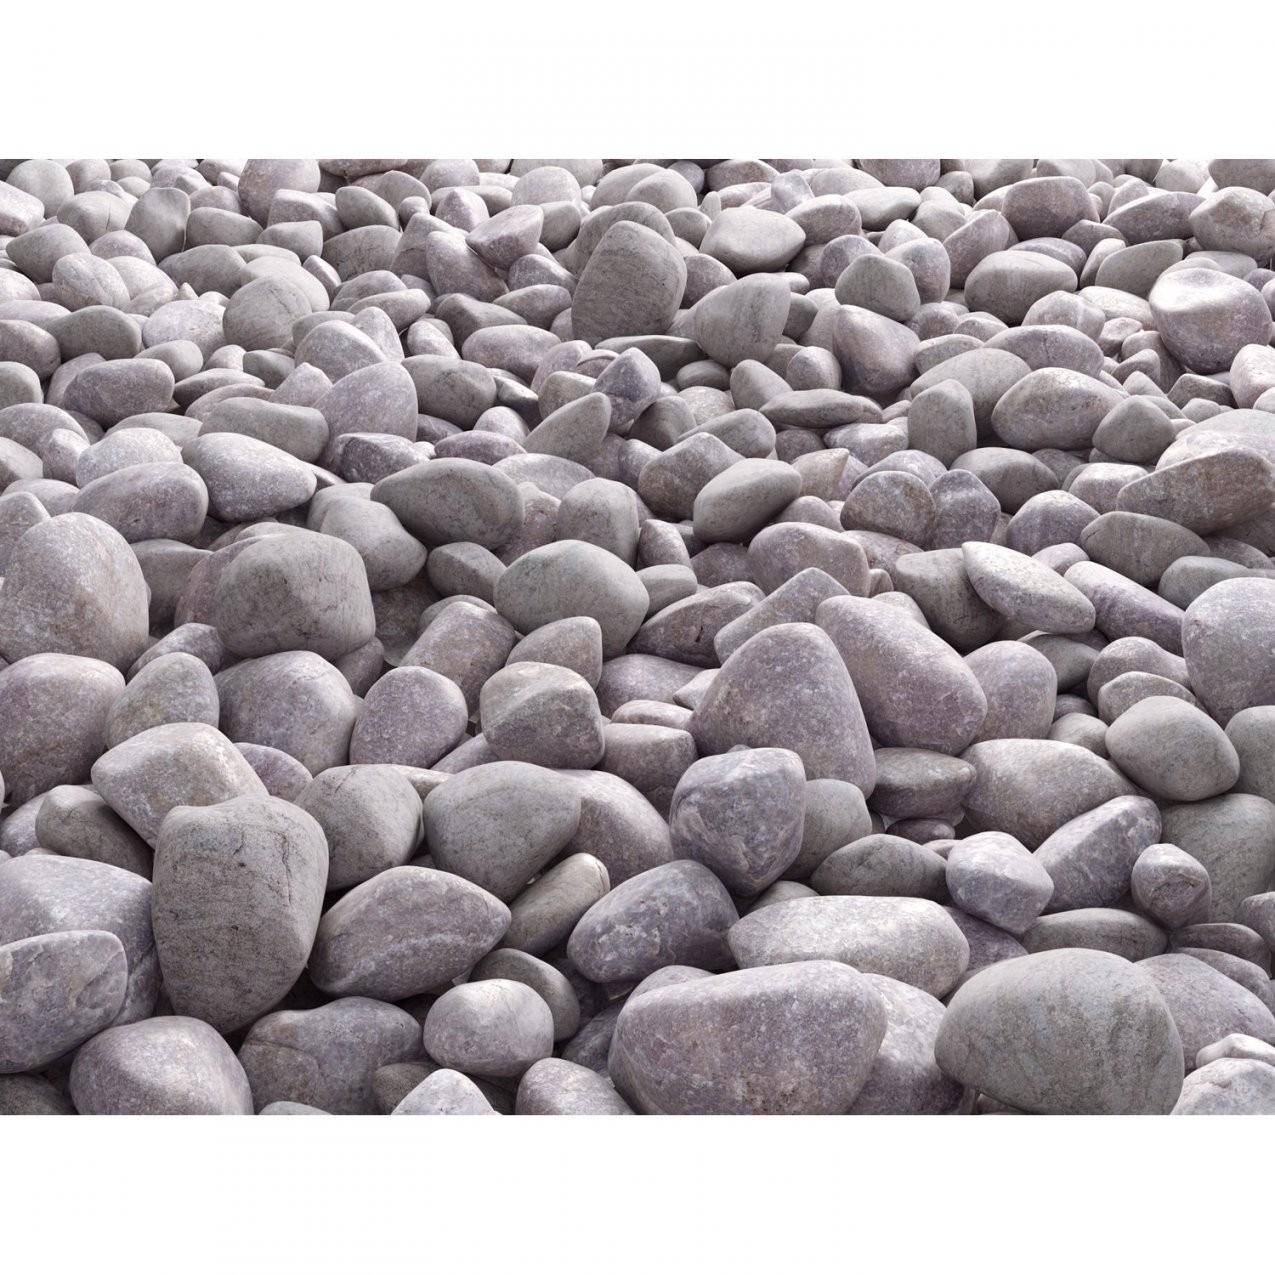 Steine Kaufen Bei Obi von Garten Steine Obi Photo